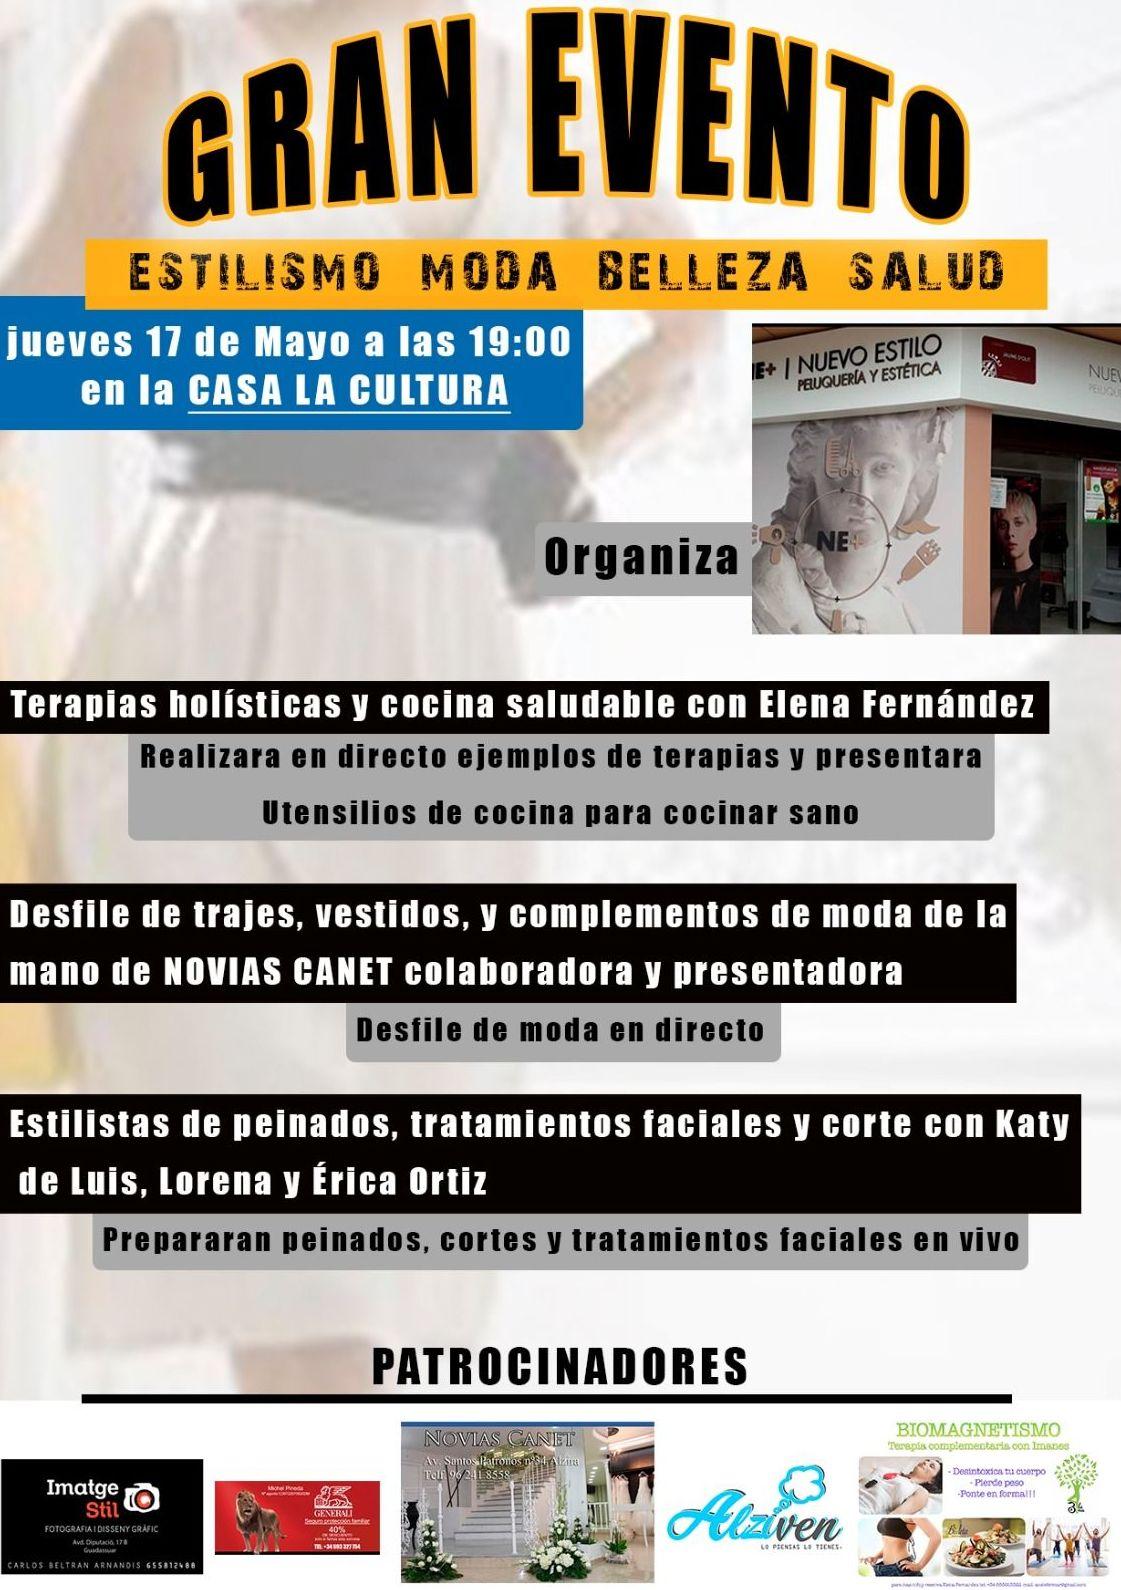 ESTILISMO , MODA BELLEZA Y SALUD